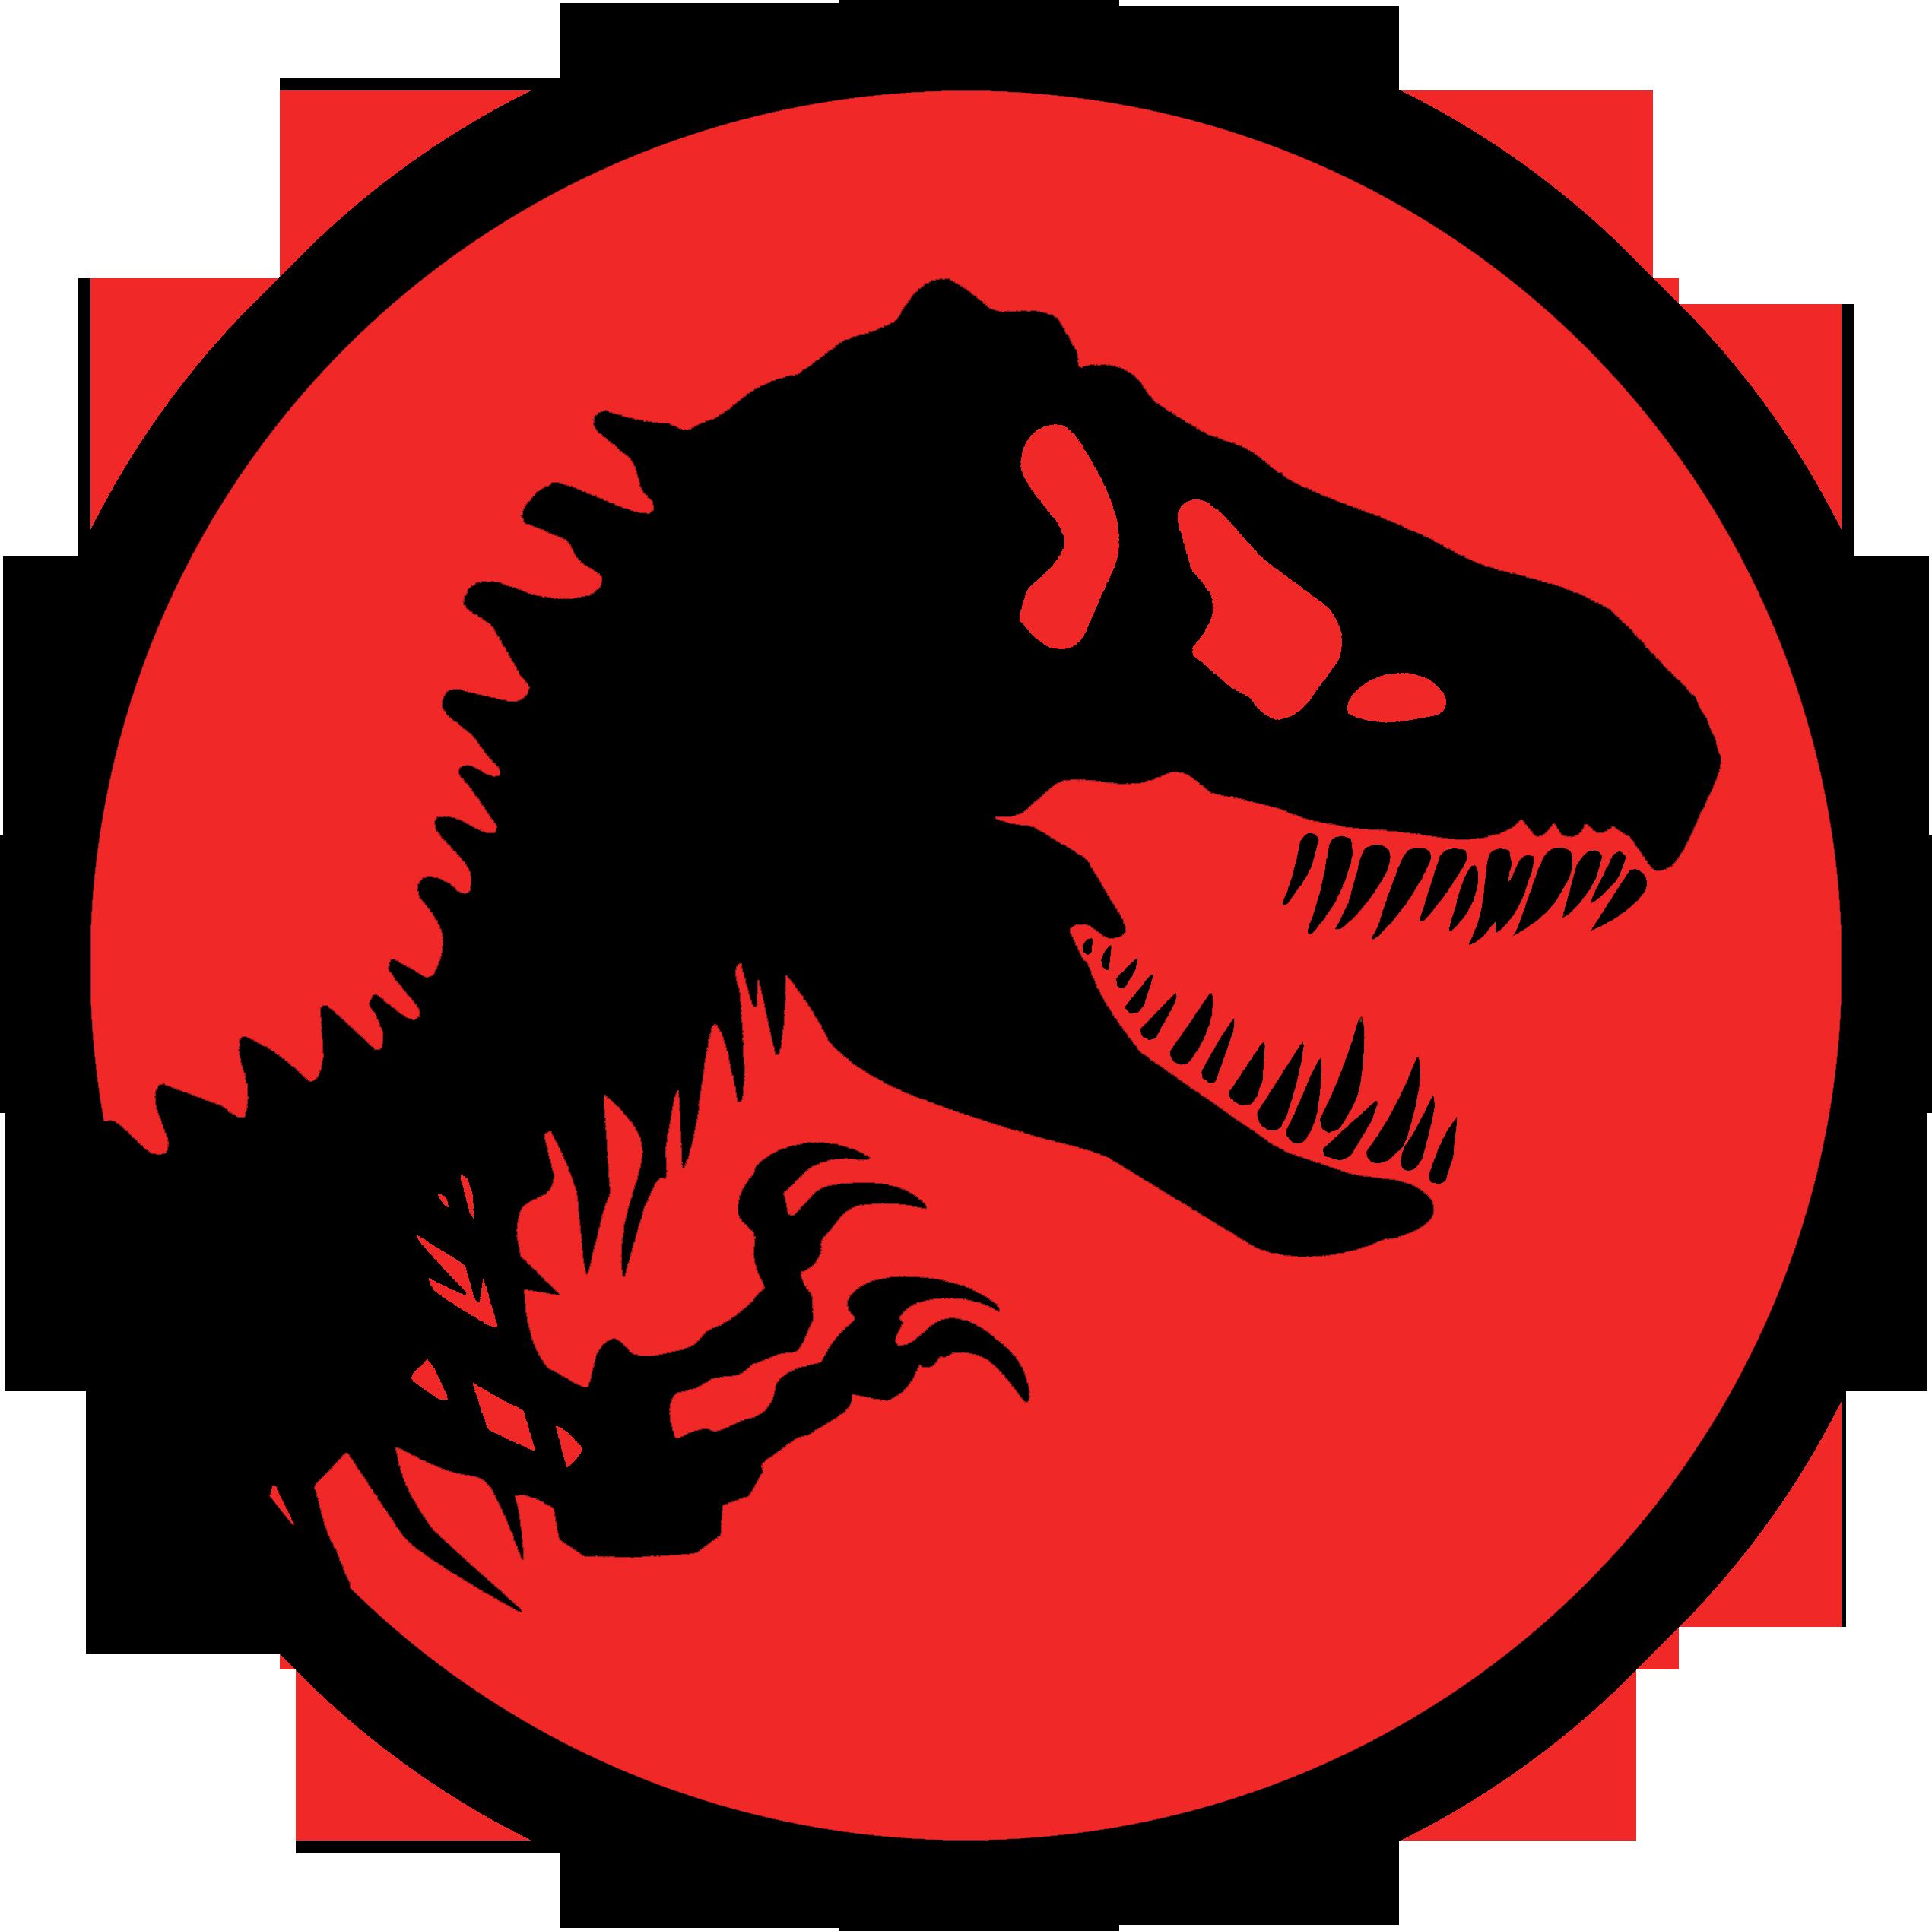 Jurassic Park PNG File - Jurassic Park PNG